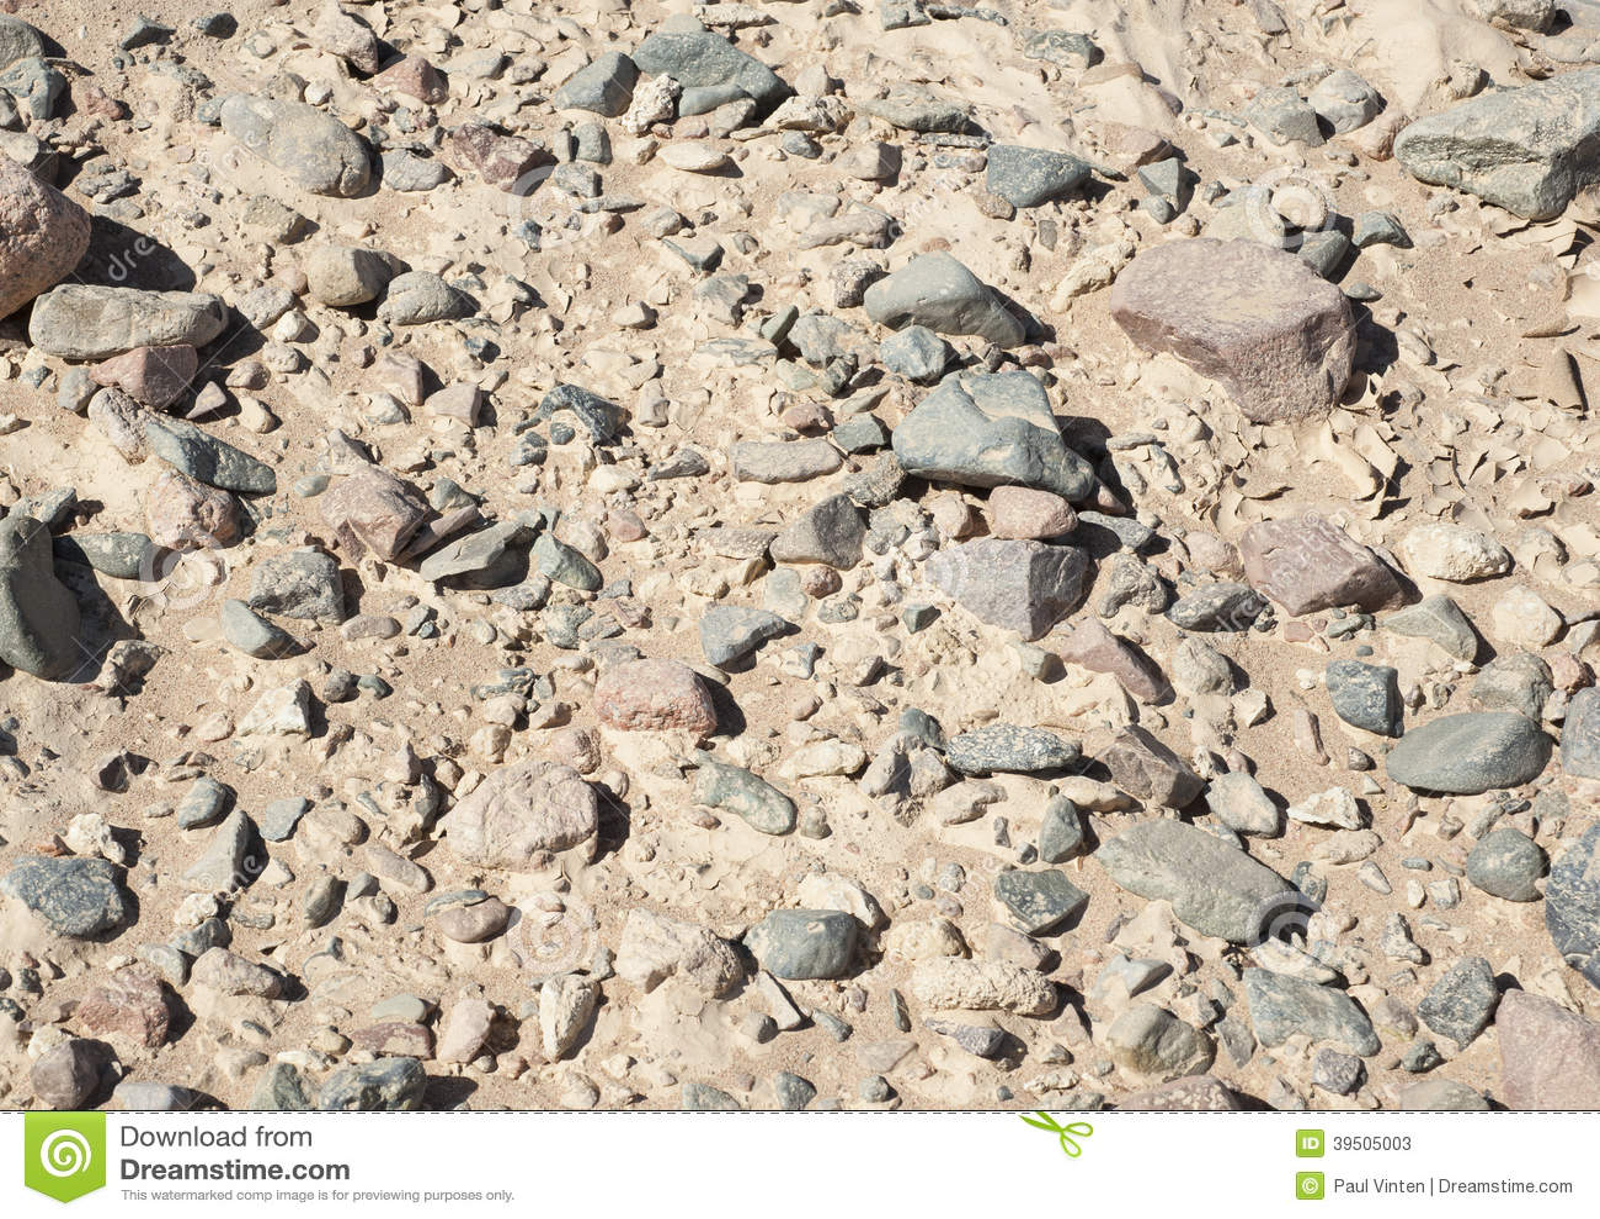 Stony desert ground background